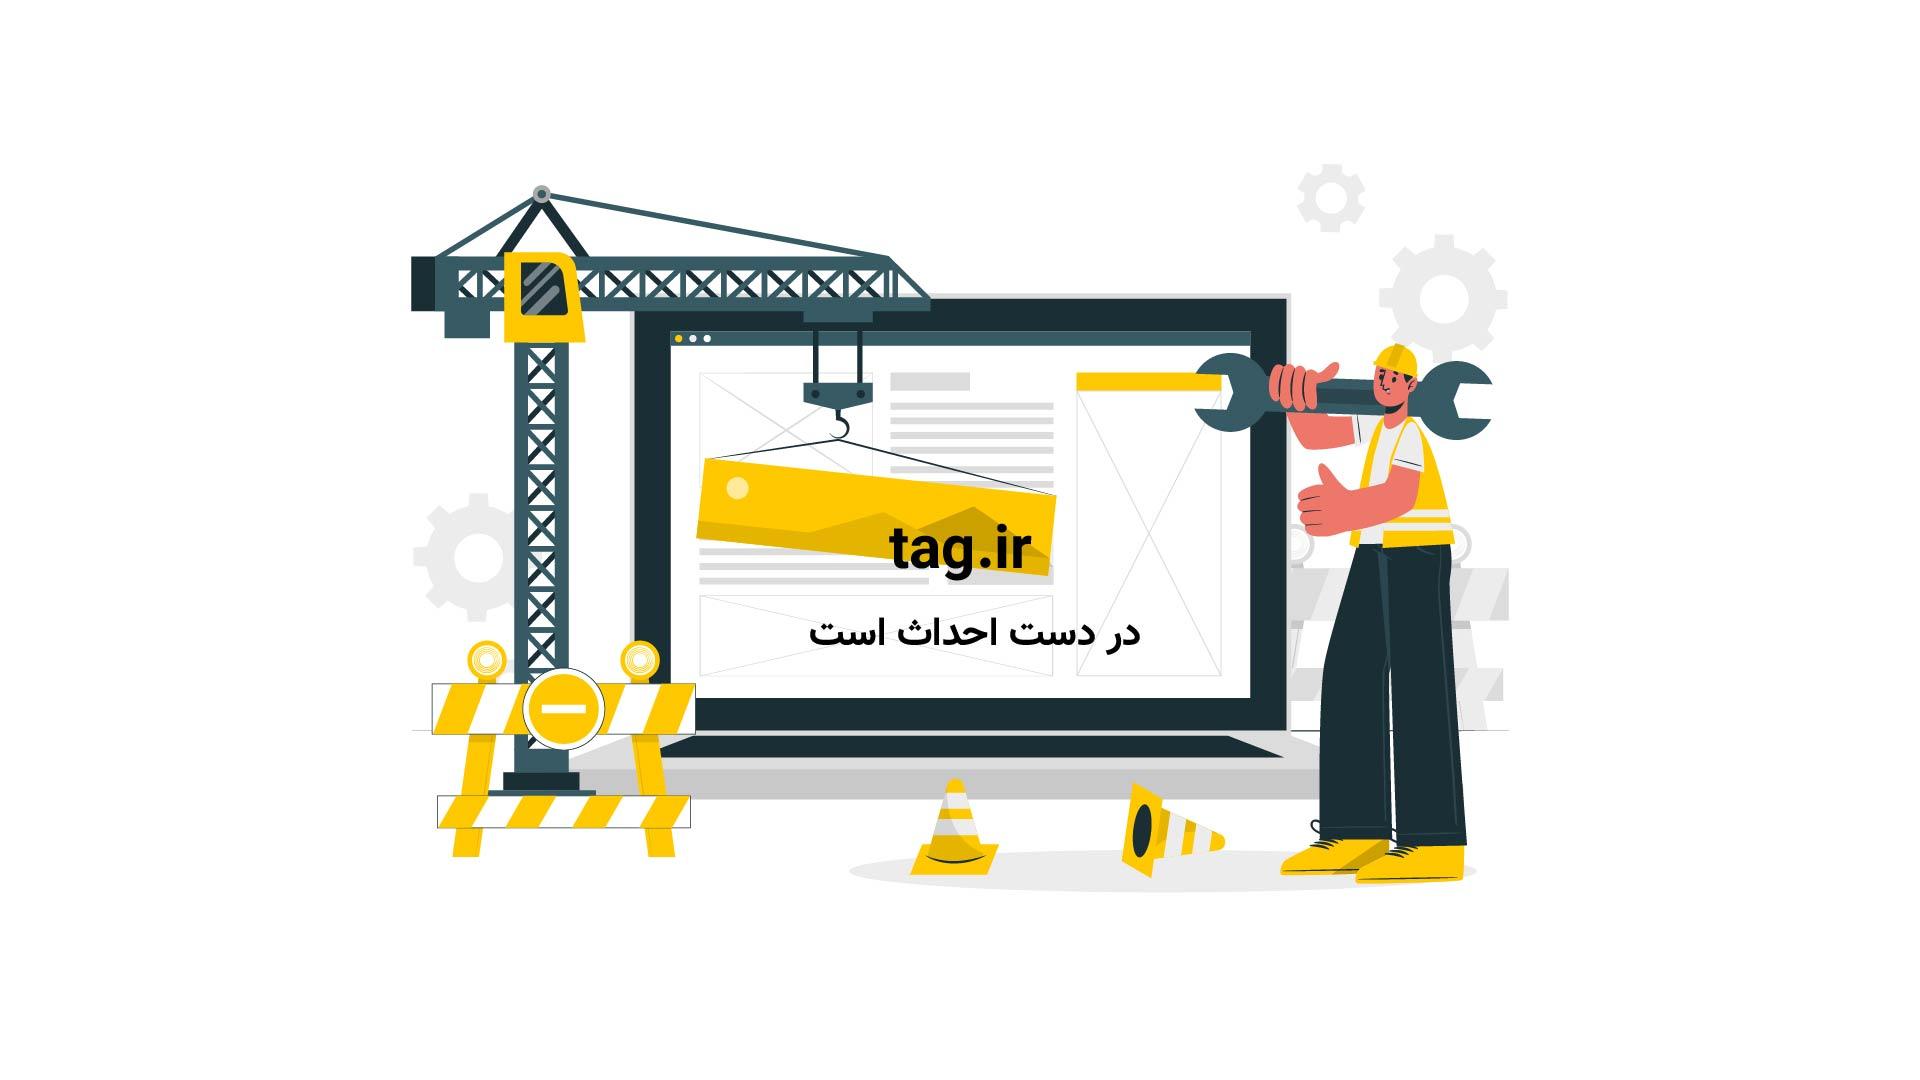 سخنرانیهای تد؛ سرپناهی مناسب در زمان حوادث و بلایا | فیلم